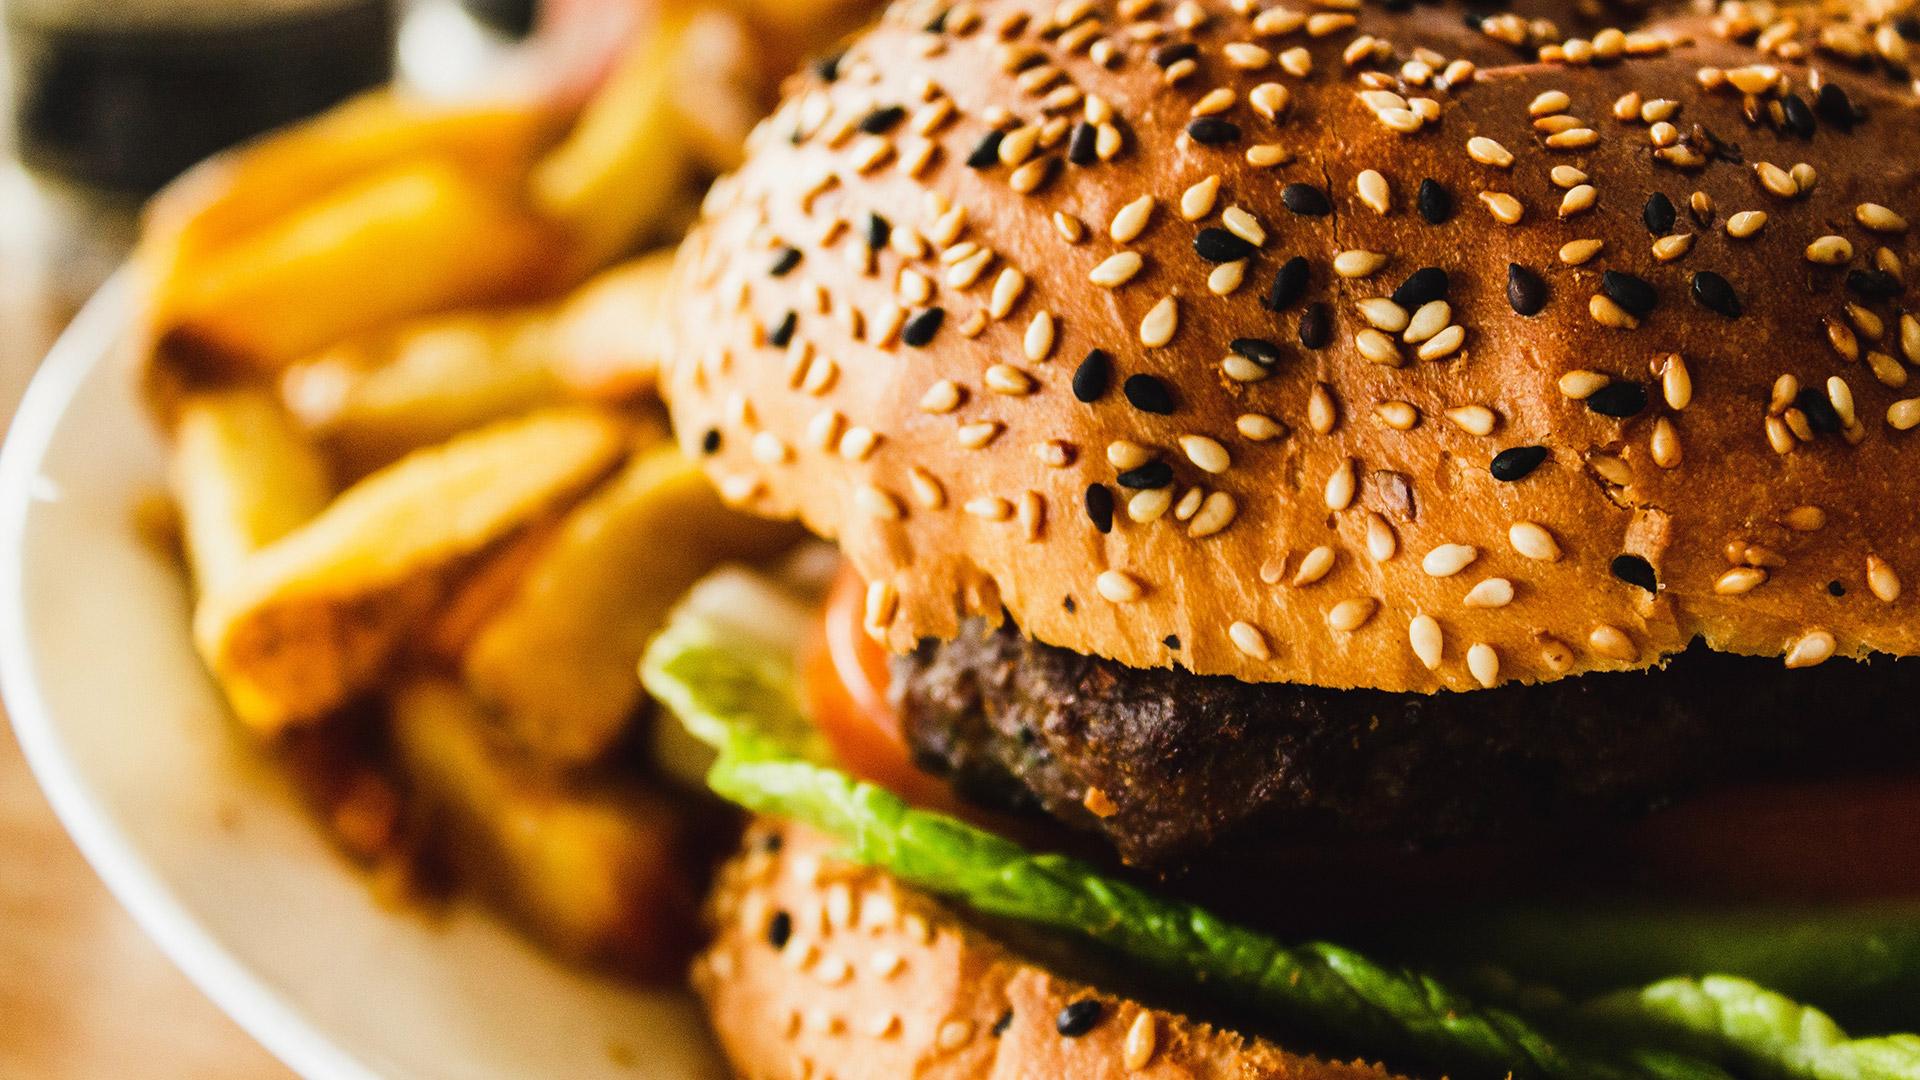 Brontos Beef Burger - Durbanville Takeaway Delivery